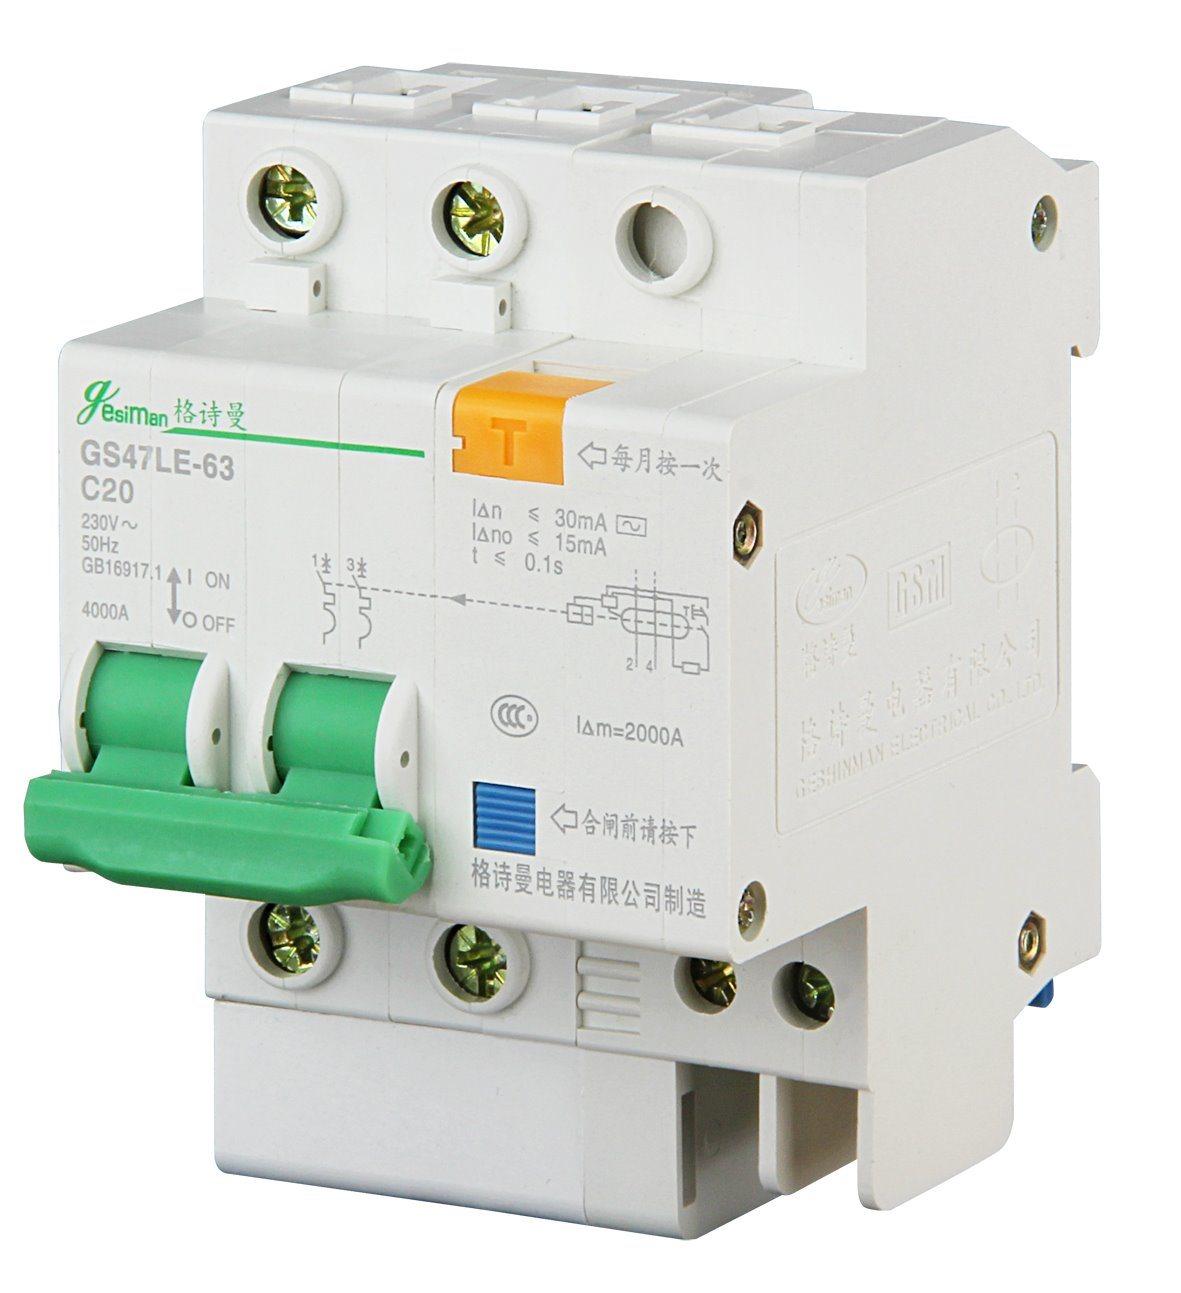 Miniature Circuit Breaker 2p Dz47le-63